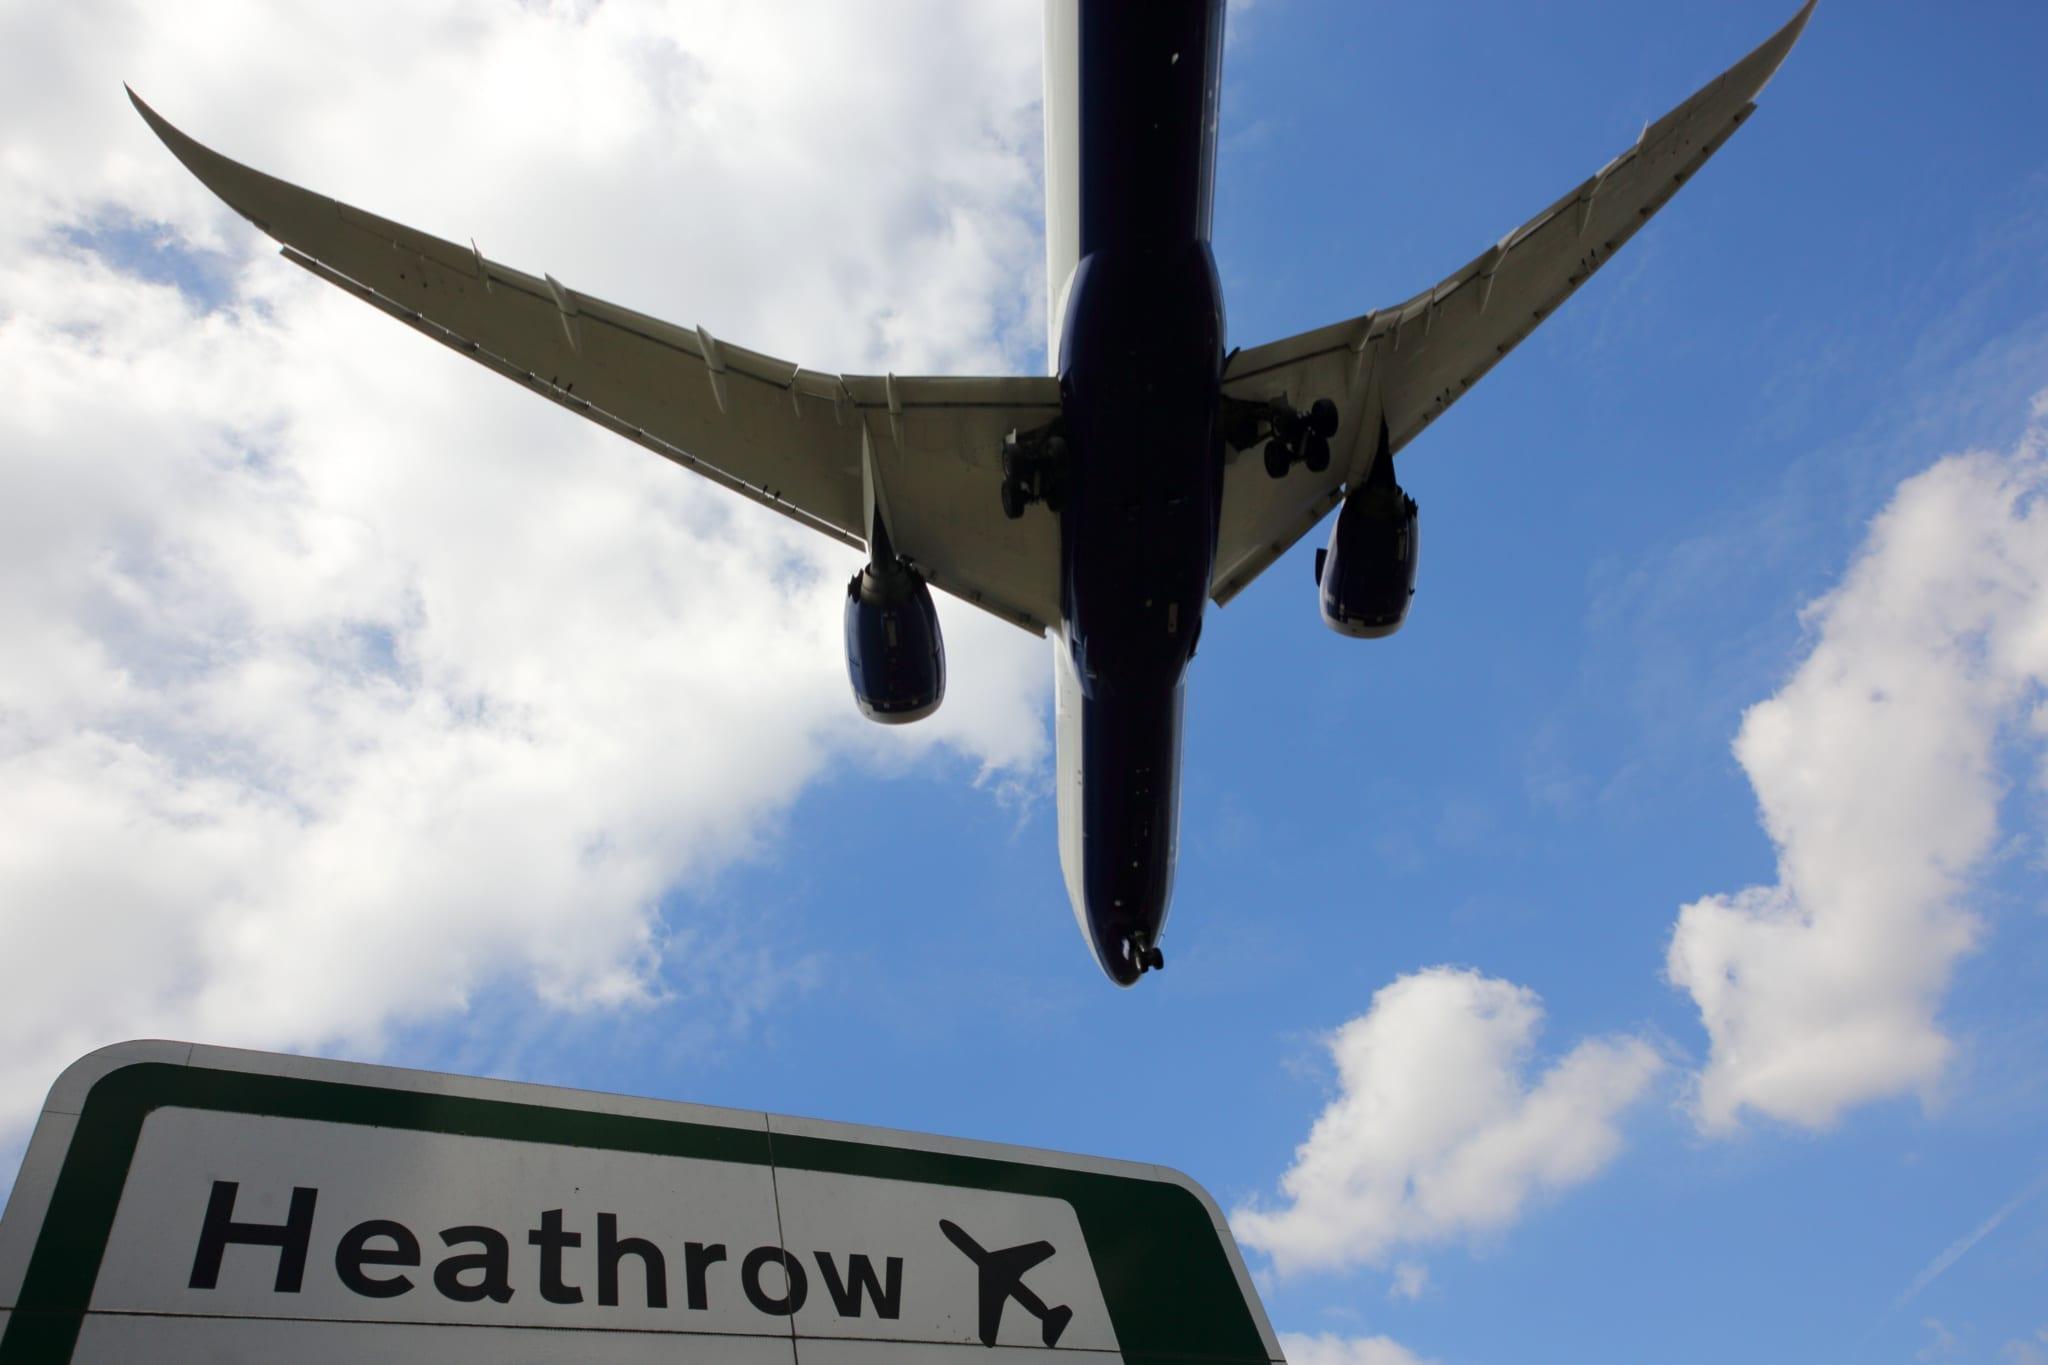 Letiště Heathrow v Londýně